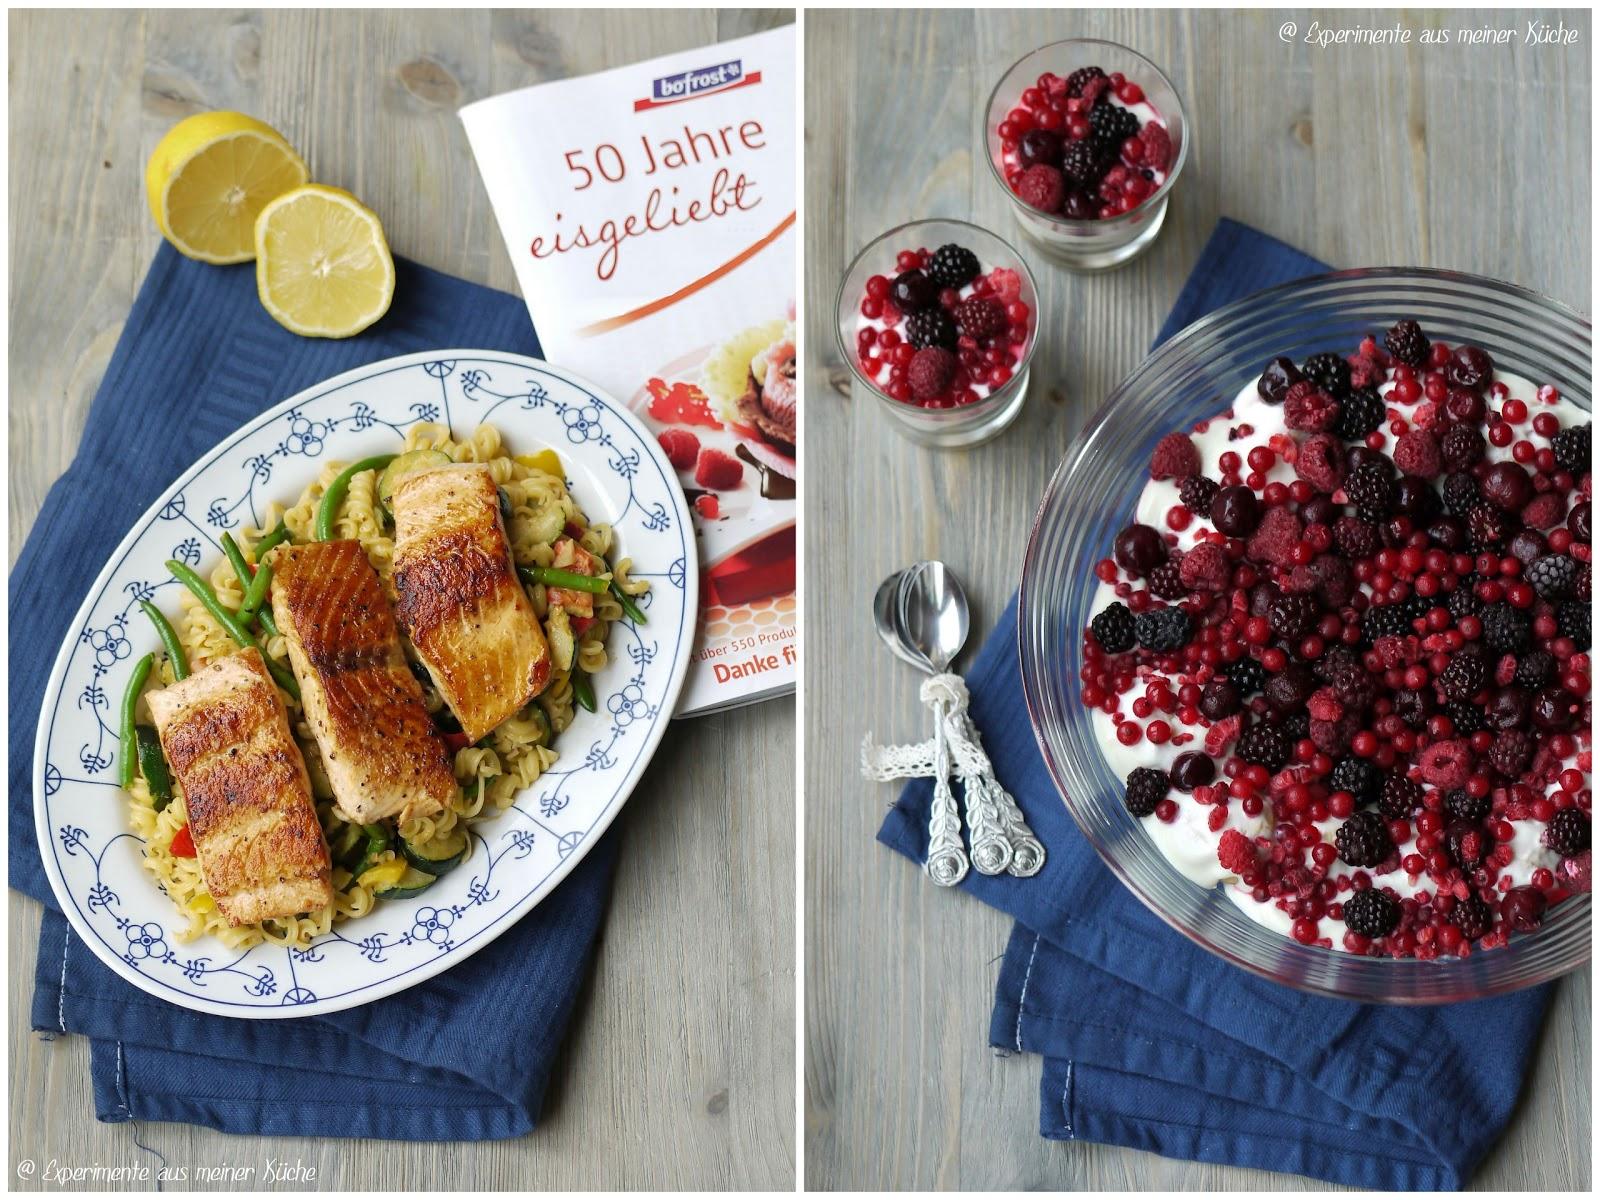 Best Experimente Aus Meiner Küche Instagram Pics - Moderne Vintage ...